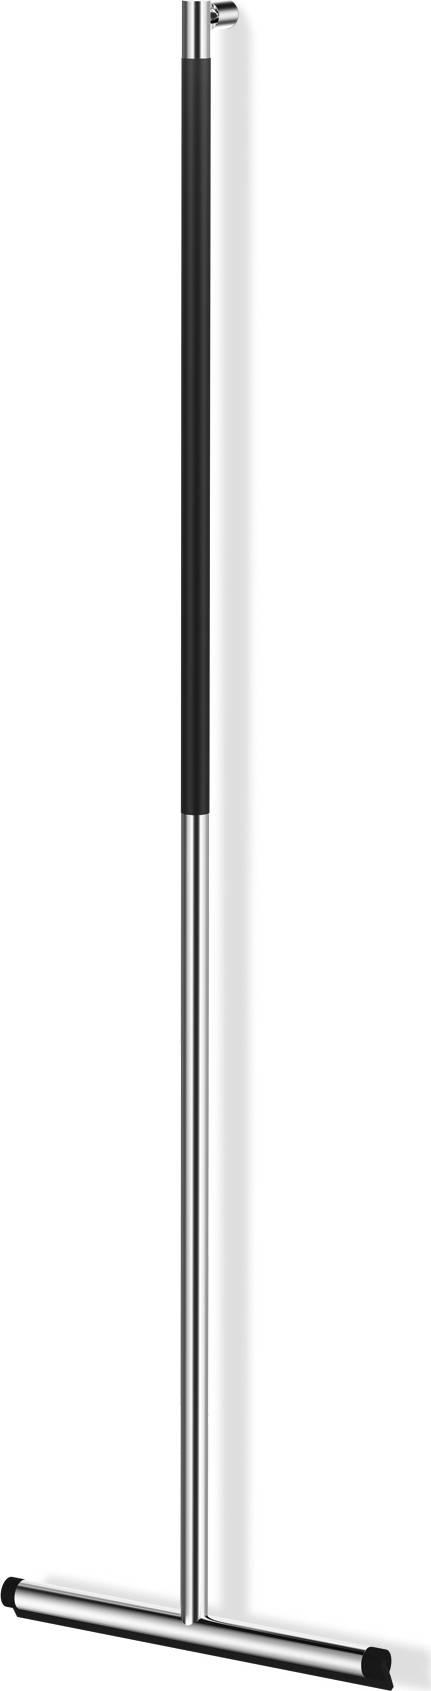 JAZ stěrka na podlahu, lesk, délka 120 cm, šířka 40090 Zack